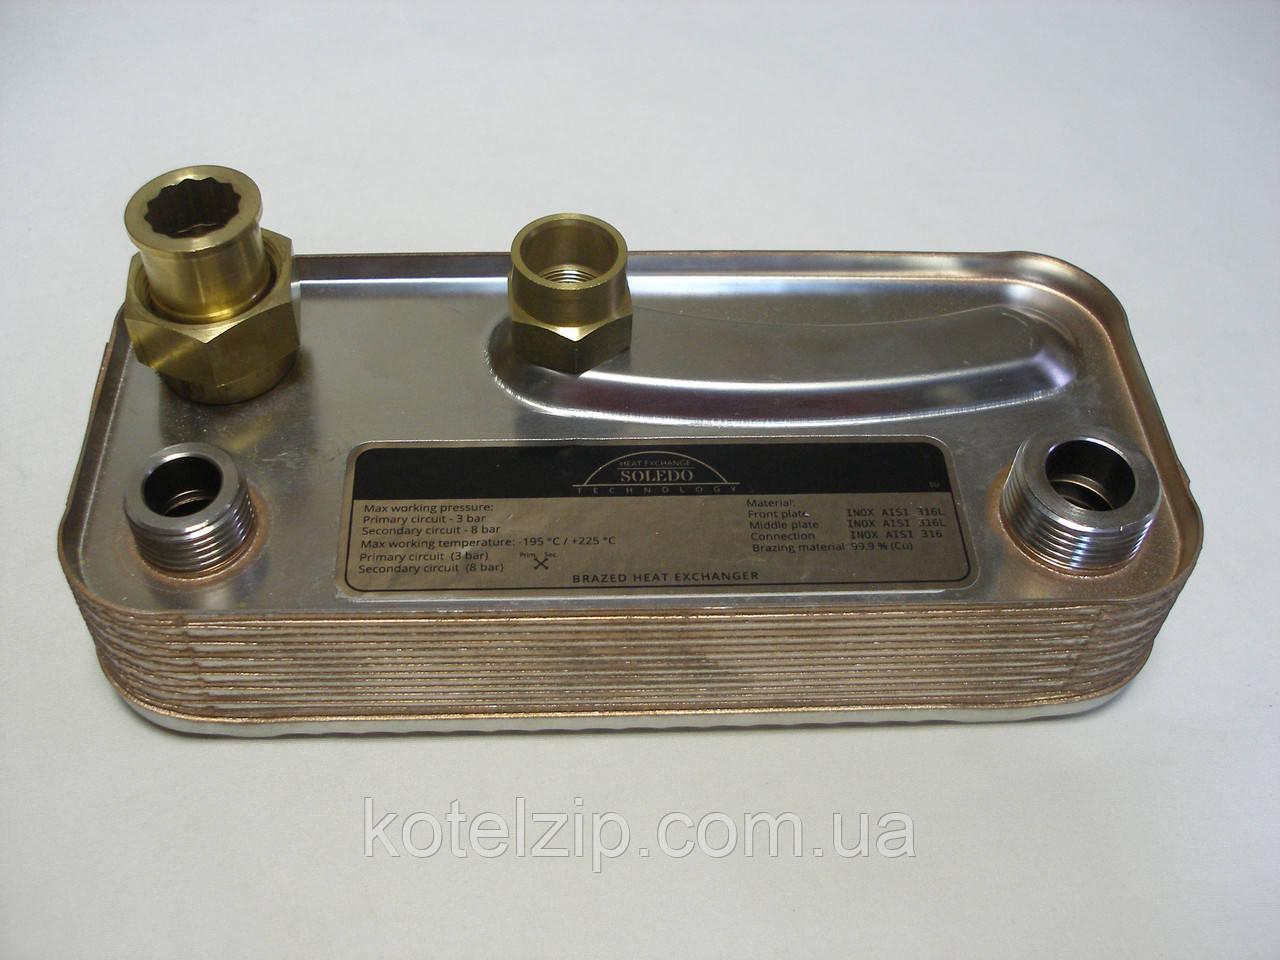 Теплообменник пластинчатый херман Пластины теплообменника Alfa Laval TL15-BFS Ейск